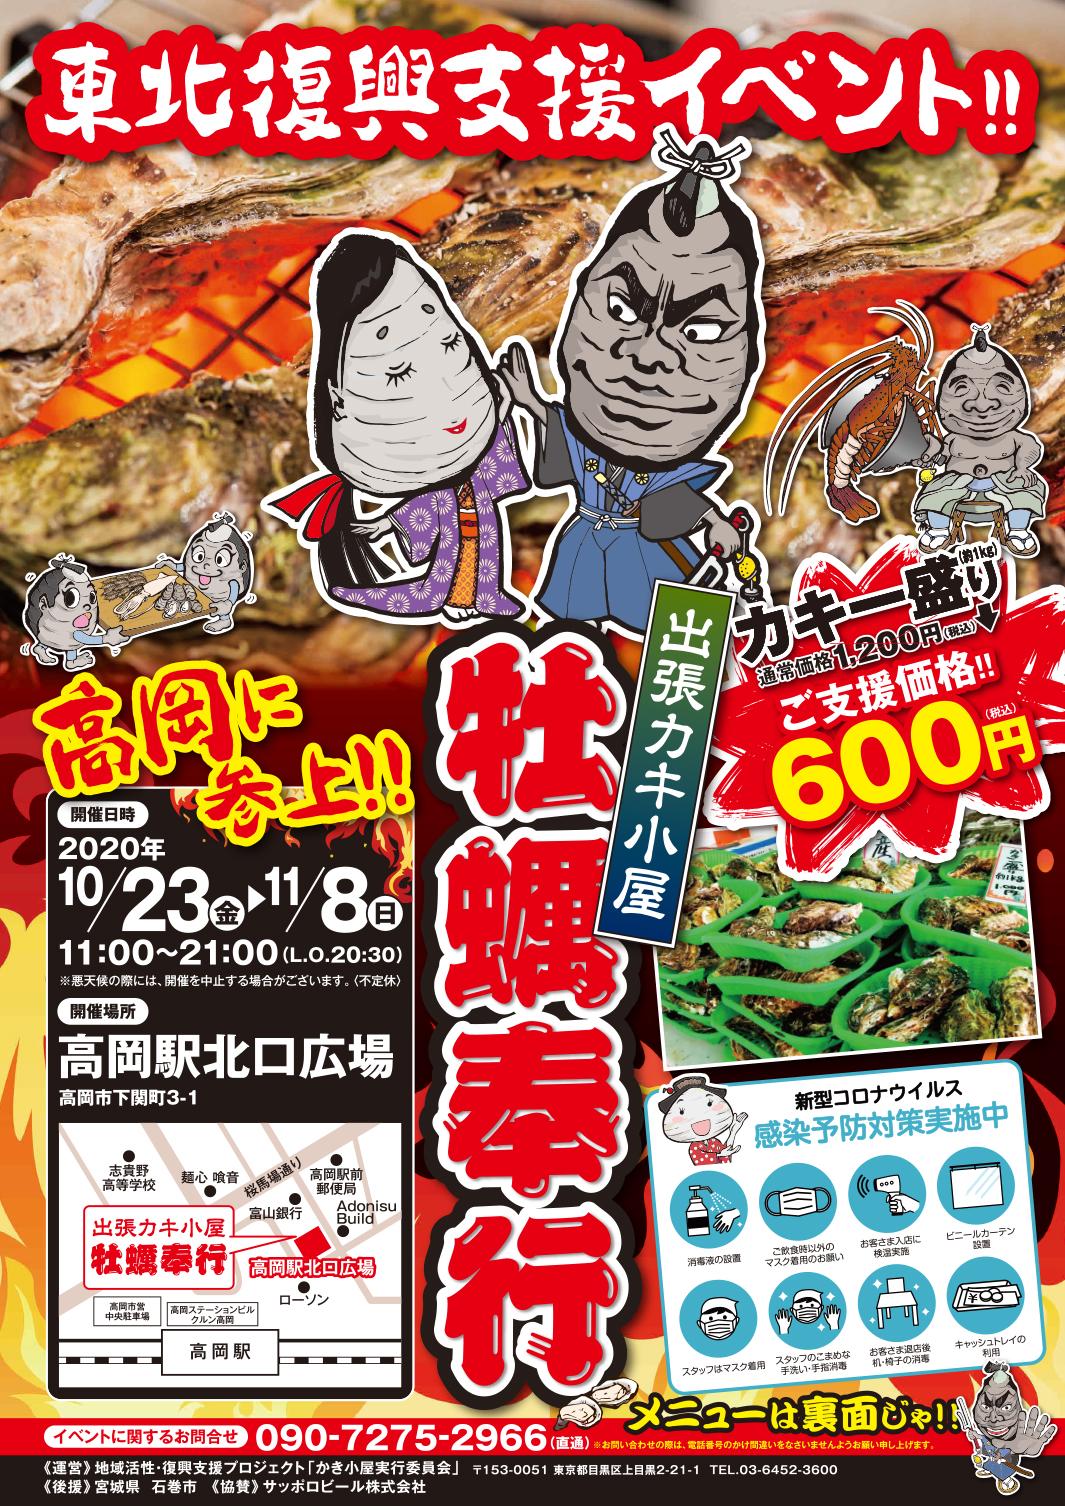 出張かき小屋【 牡蠣奉行 】が高岡駅前特設広場に期間限定オープン!